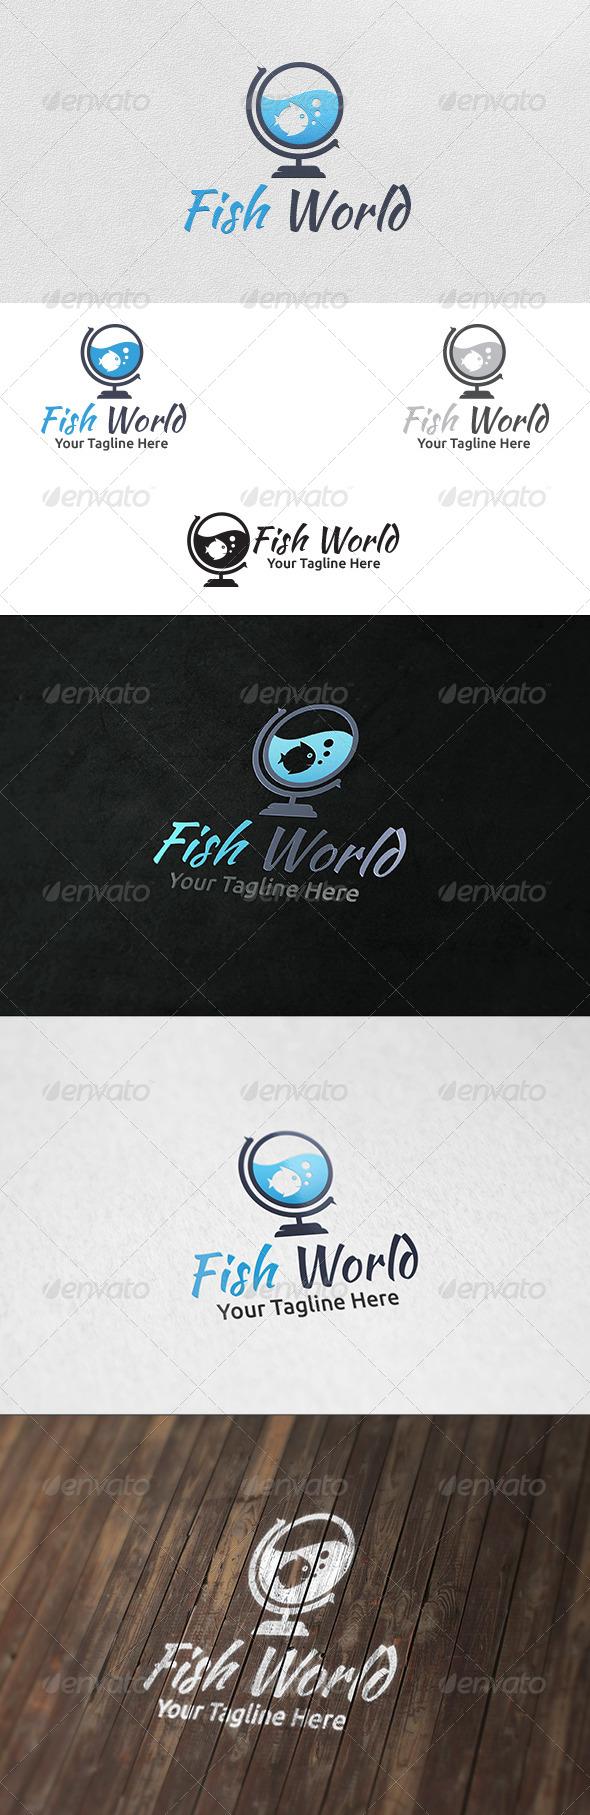 GraphicRiver Fish World Logo Template 6258171